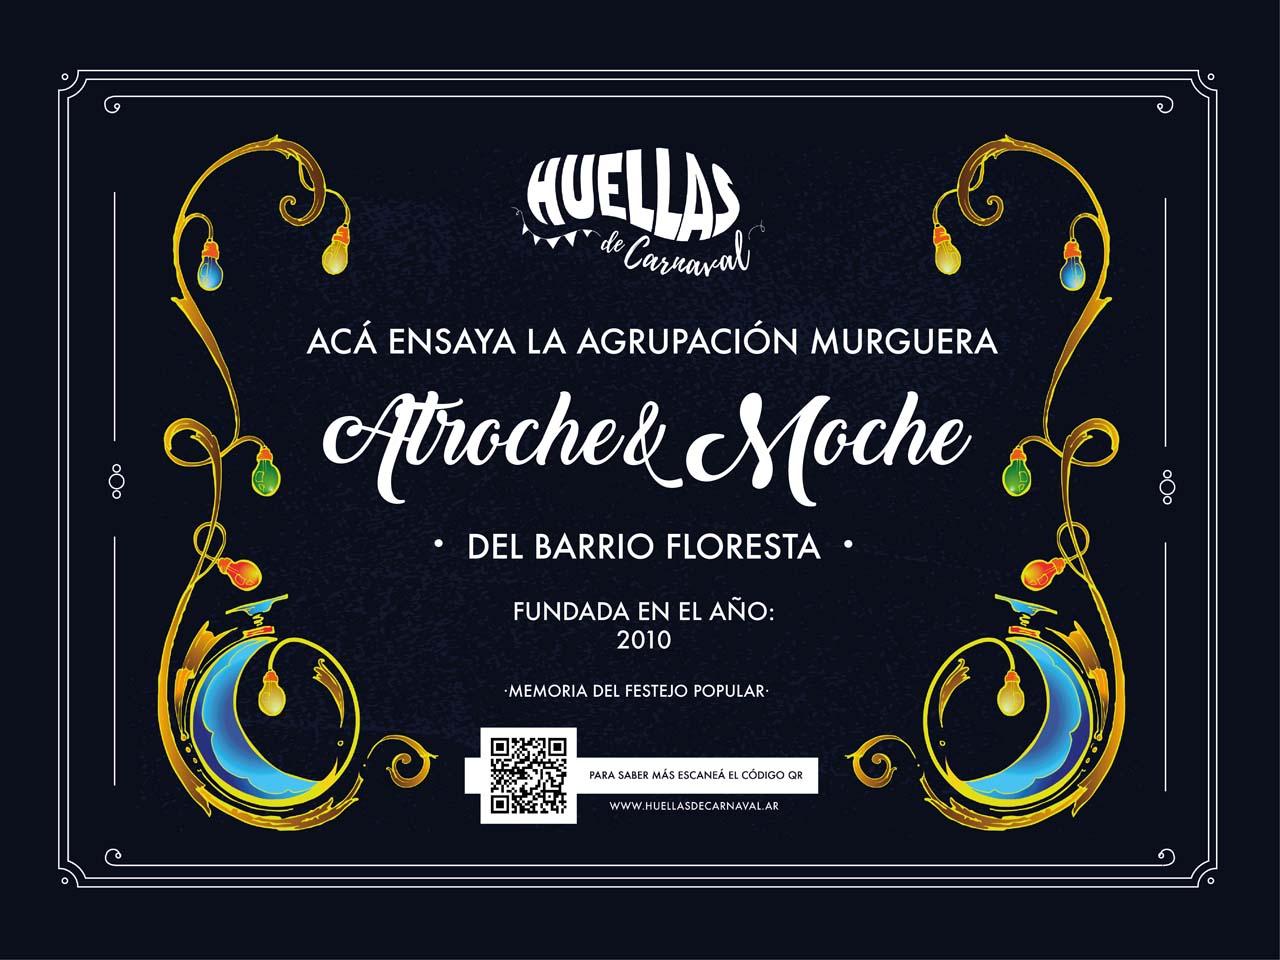 Agrupación Murguera A Troche & Moche